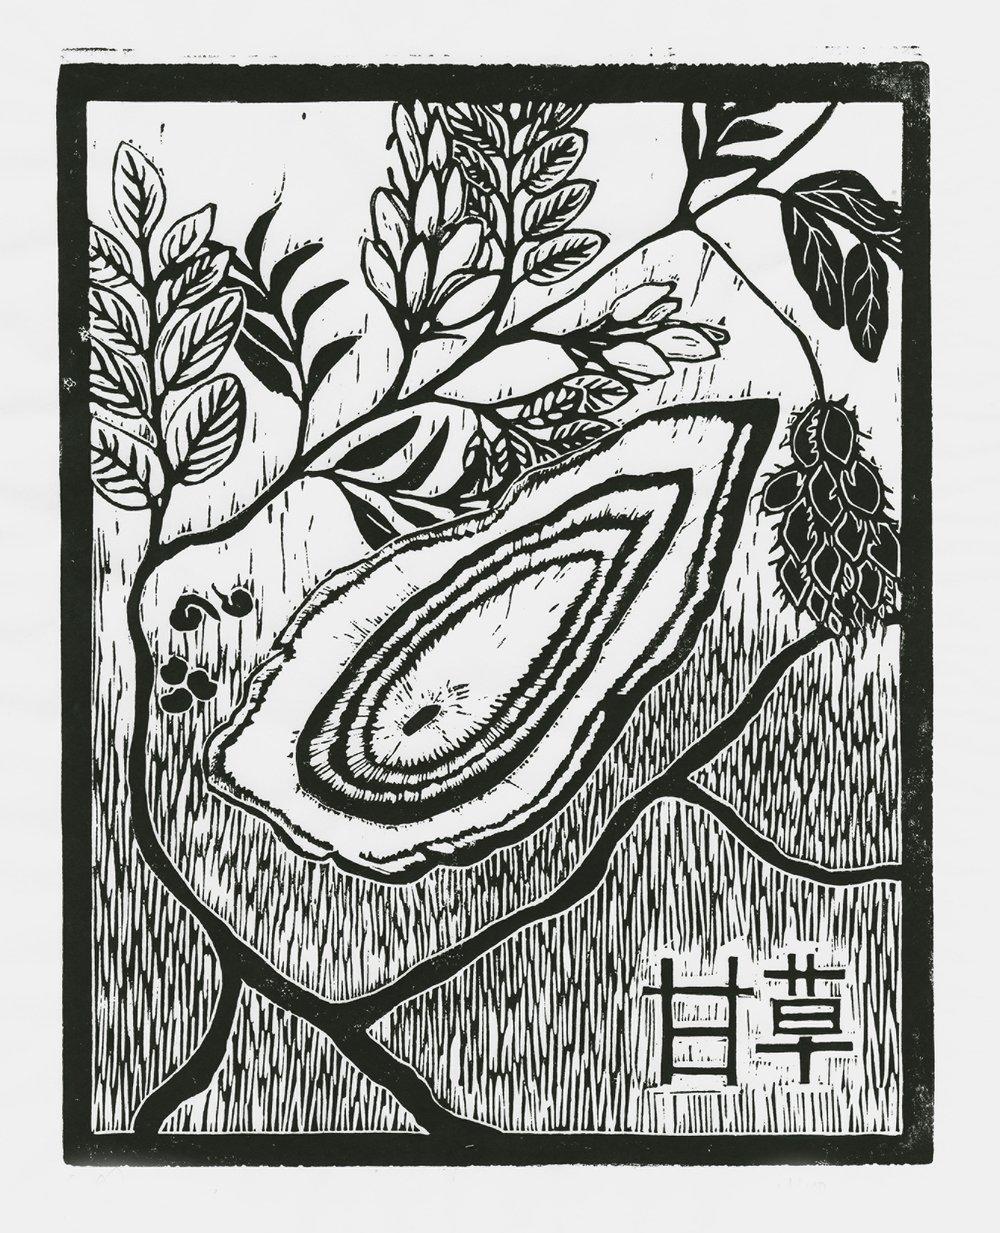 Gancao, linoleum print by Maria Hicks